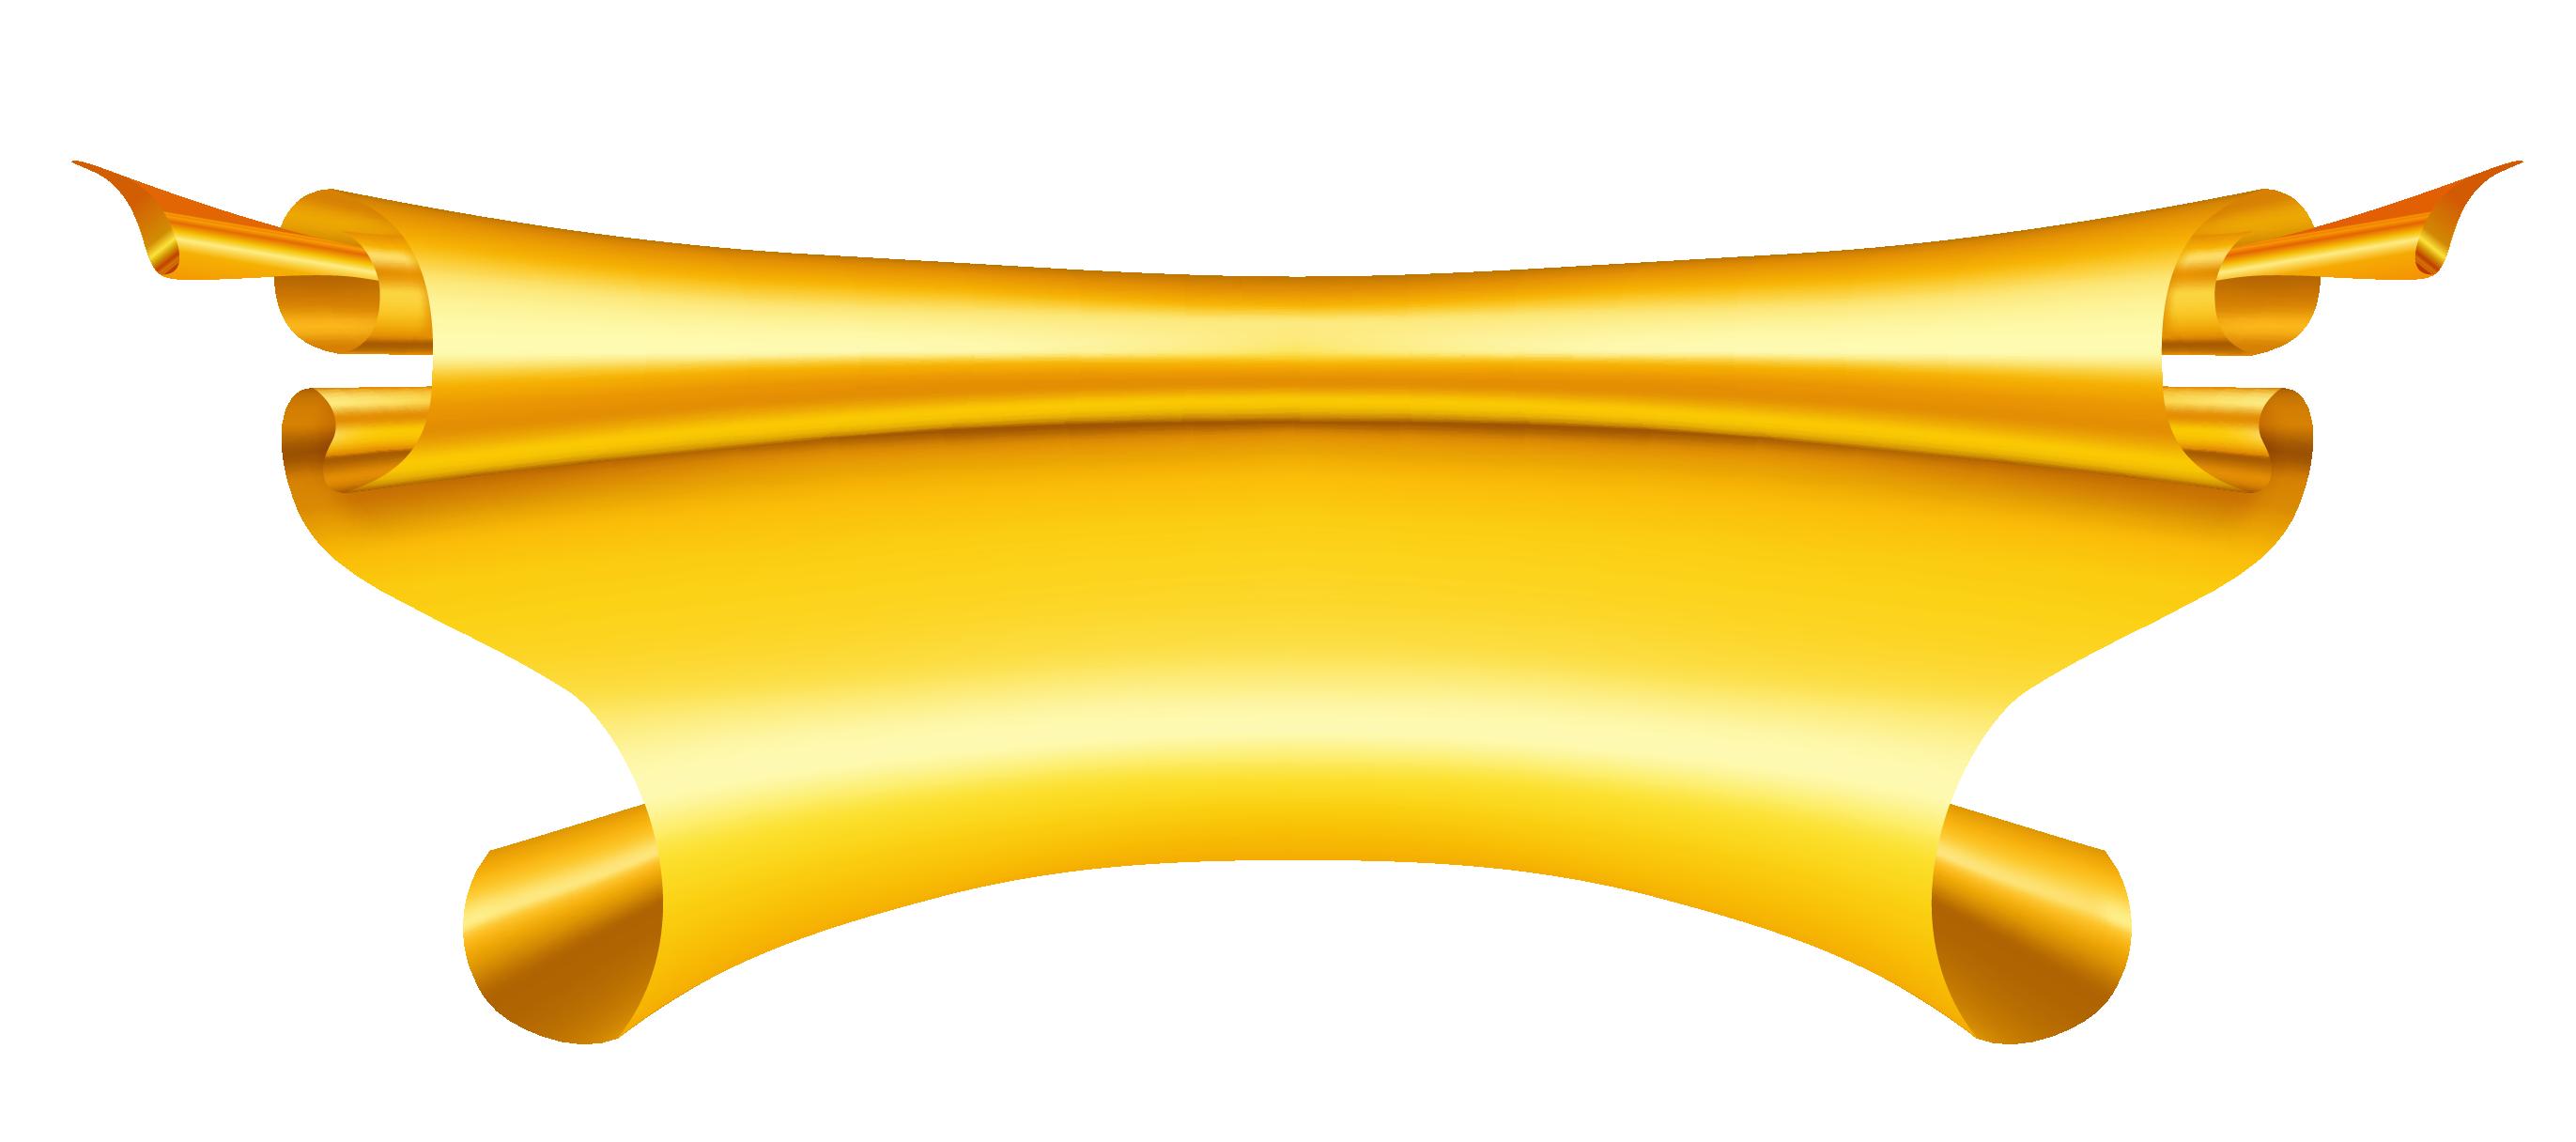 Golden clipart Gold Art  Banner Golden